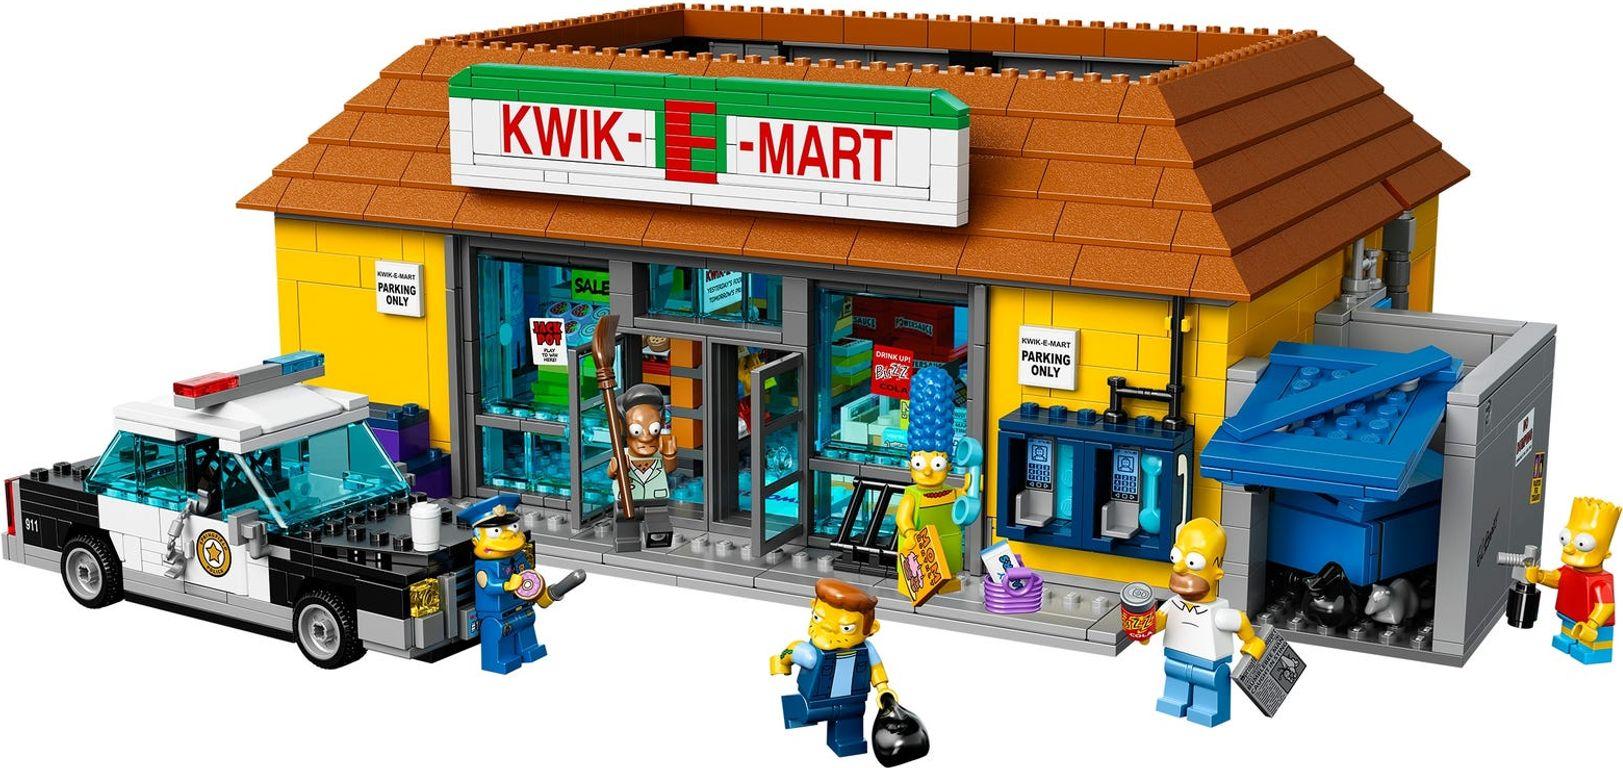 Kwik-E-Mart components